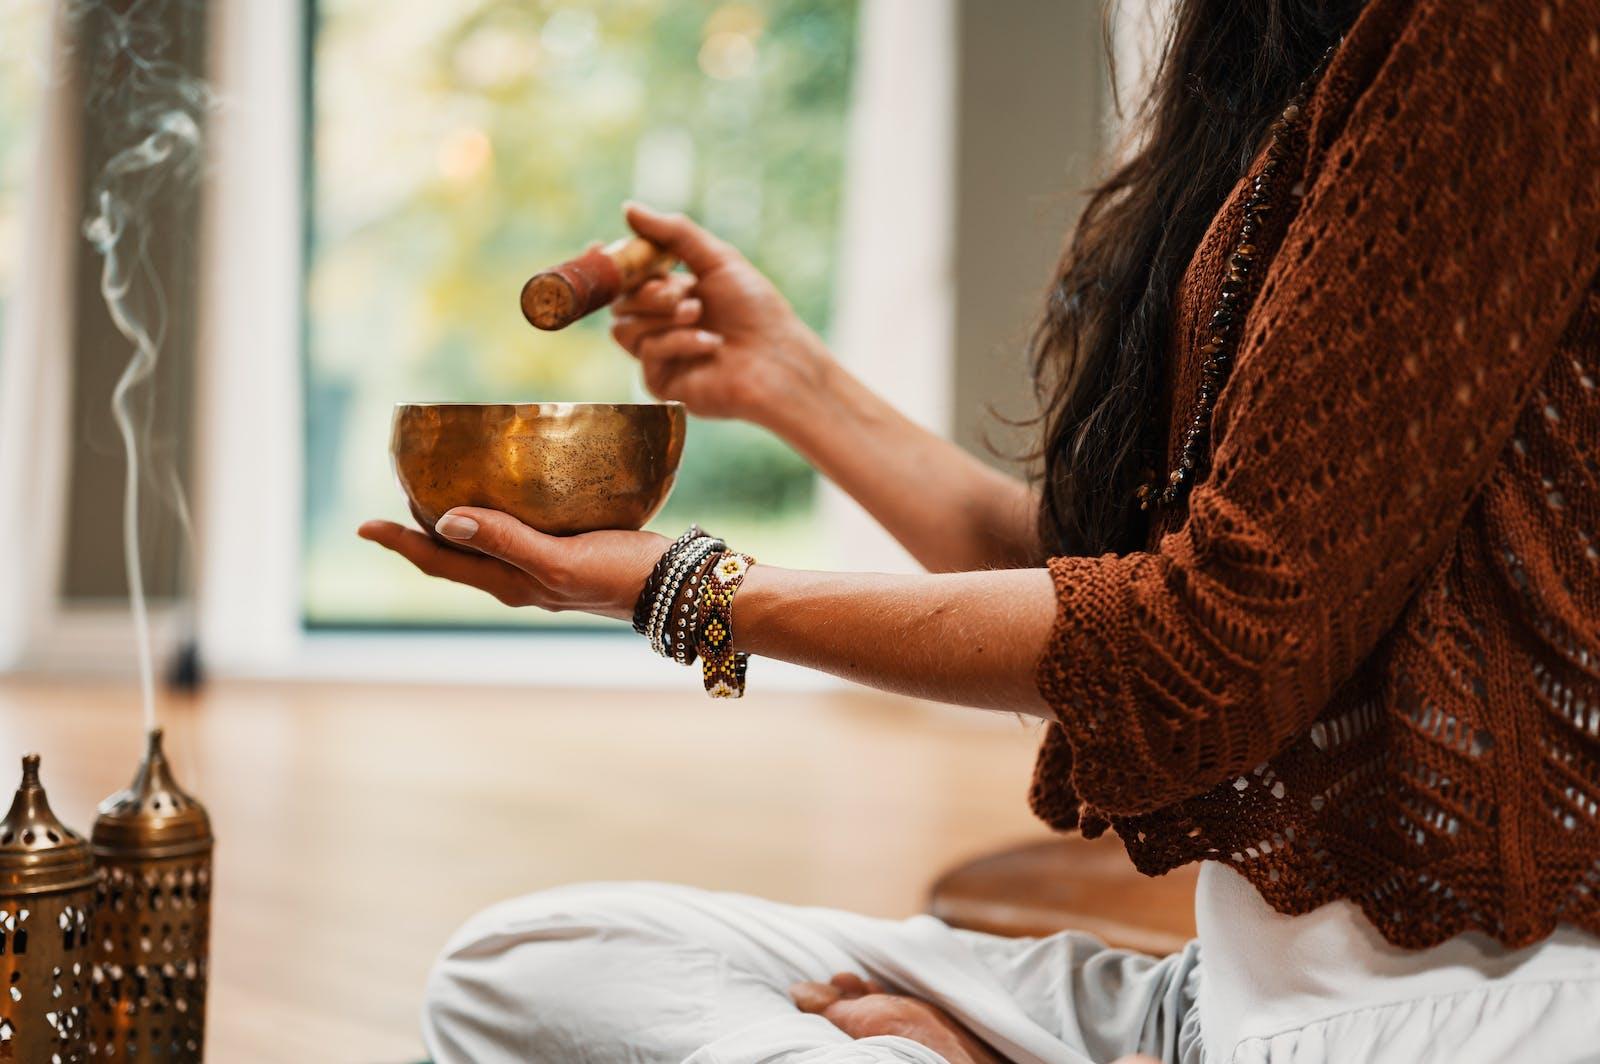 soin énergétique Reïki et LaHoChi détente et lâcher prise - soins, naturels et bienfaits.